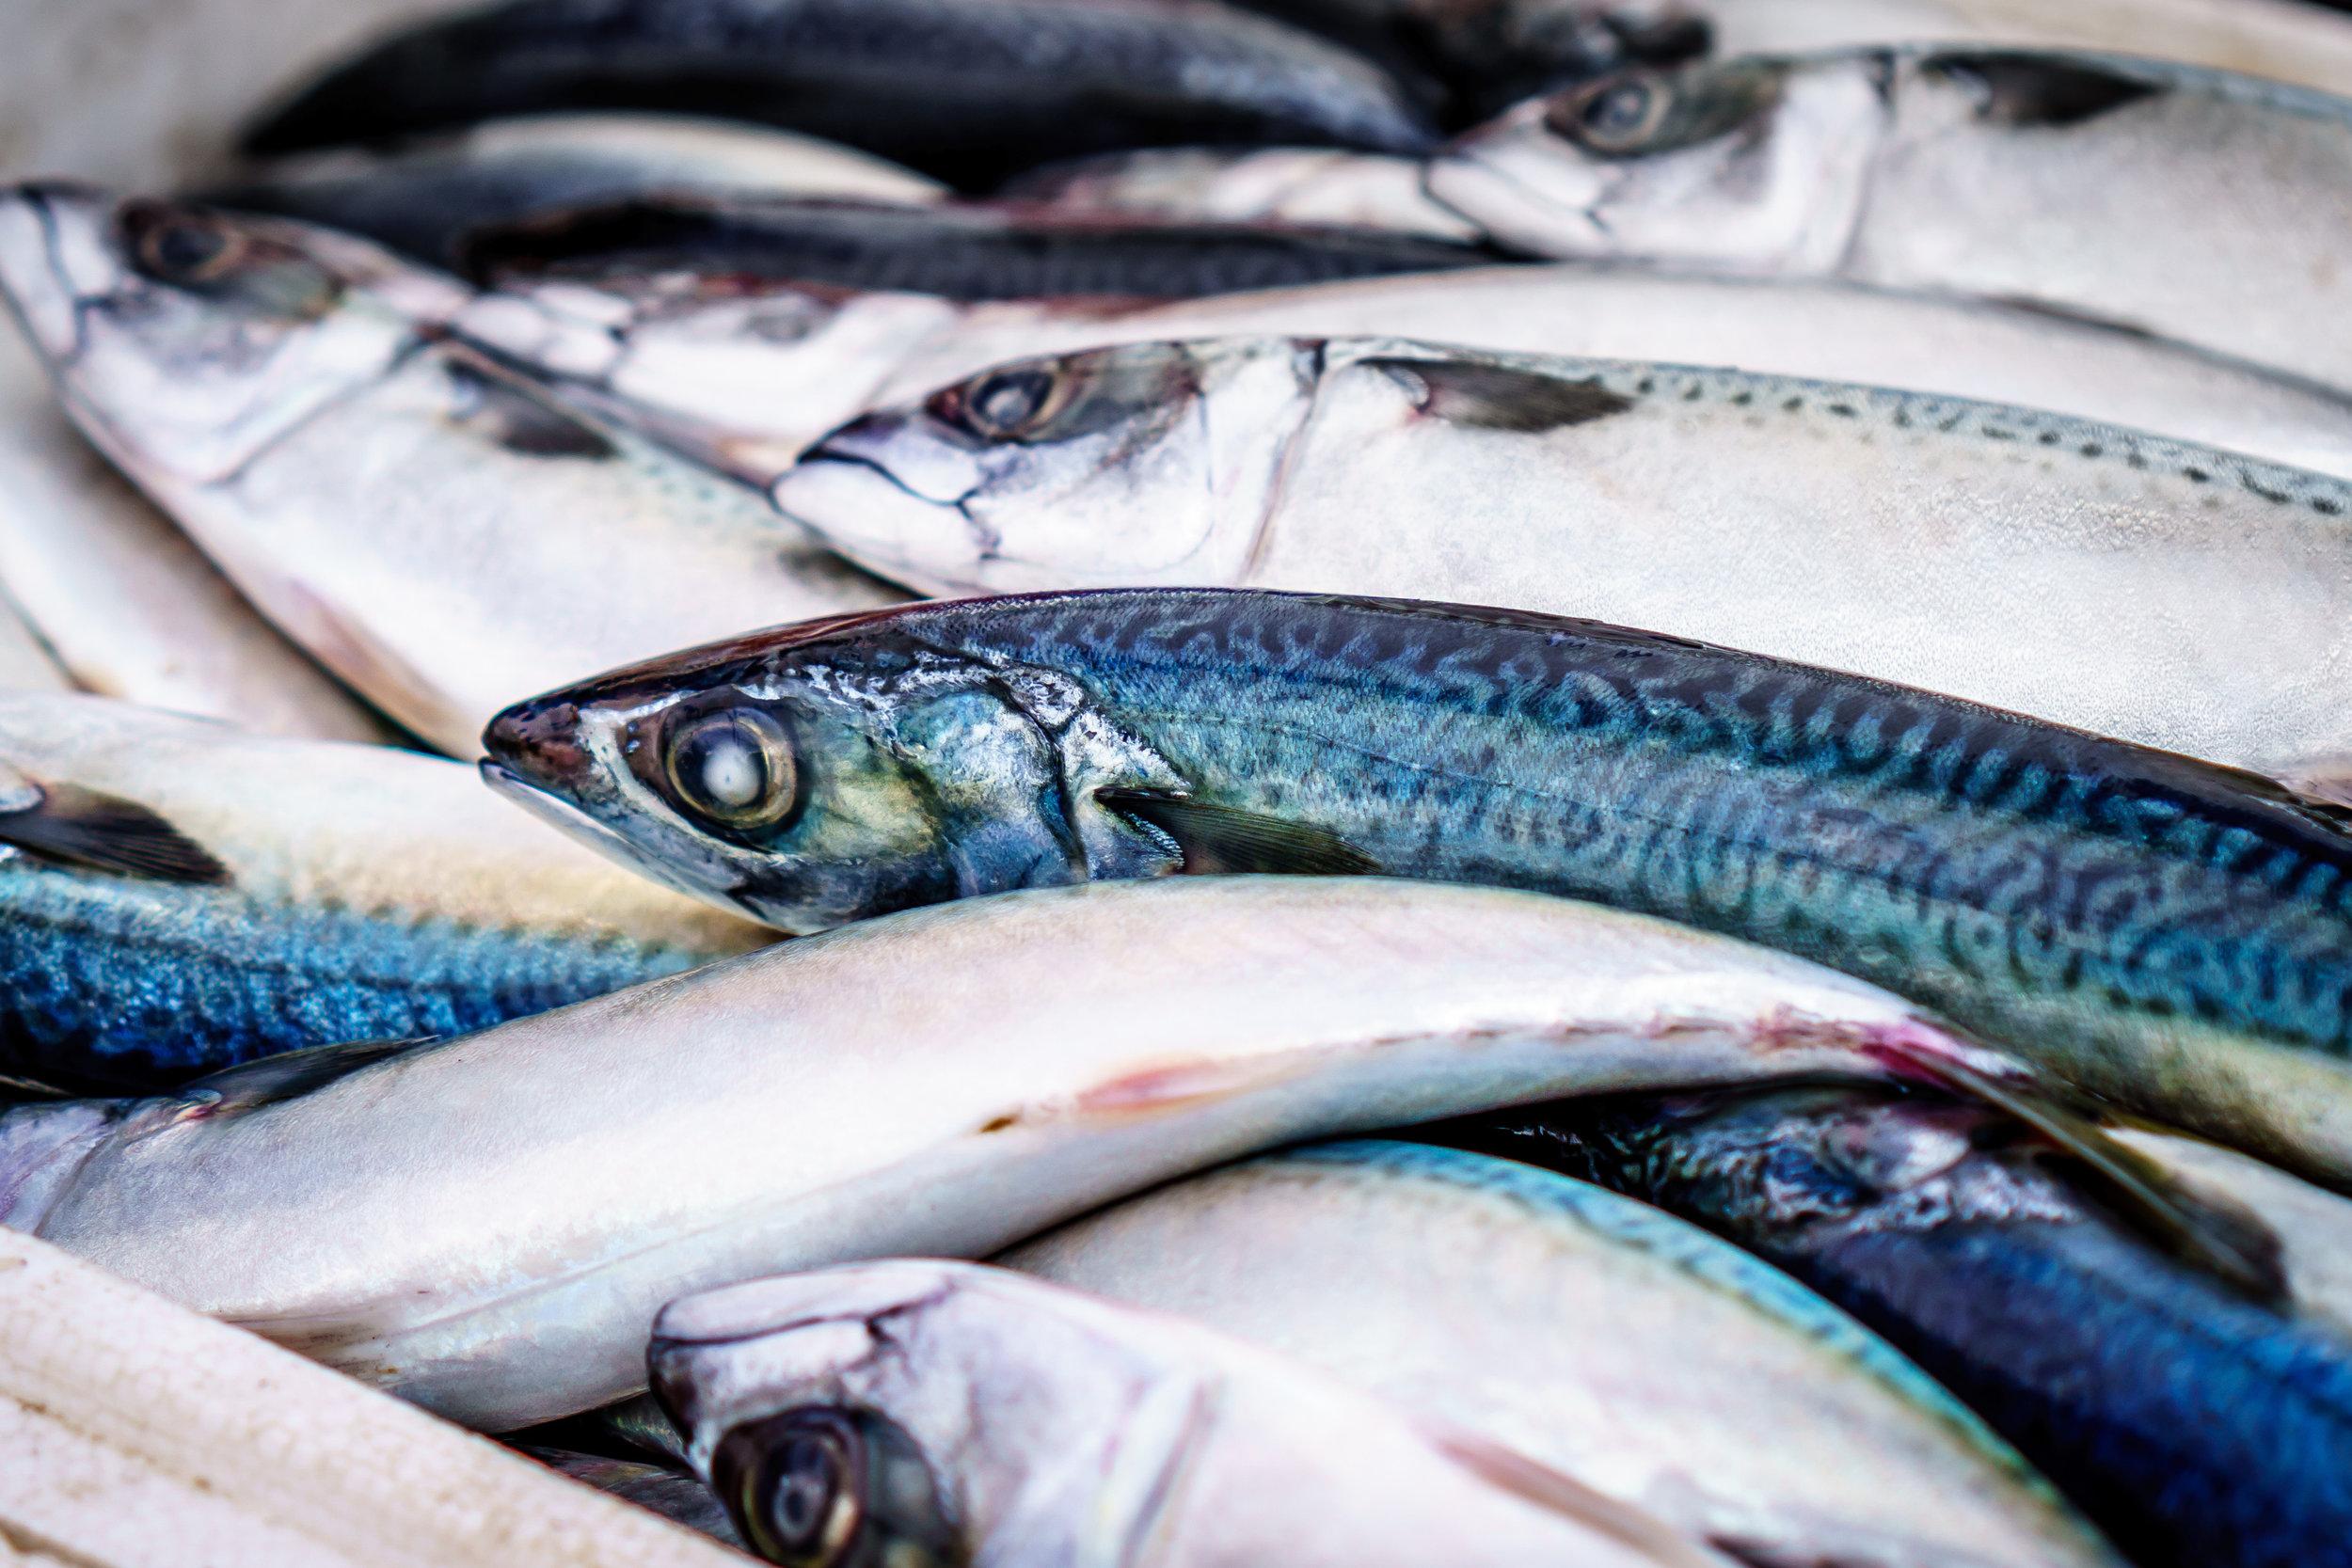 SquarespaceImage19-marinefisheries-menhaden.jpg